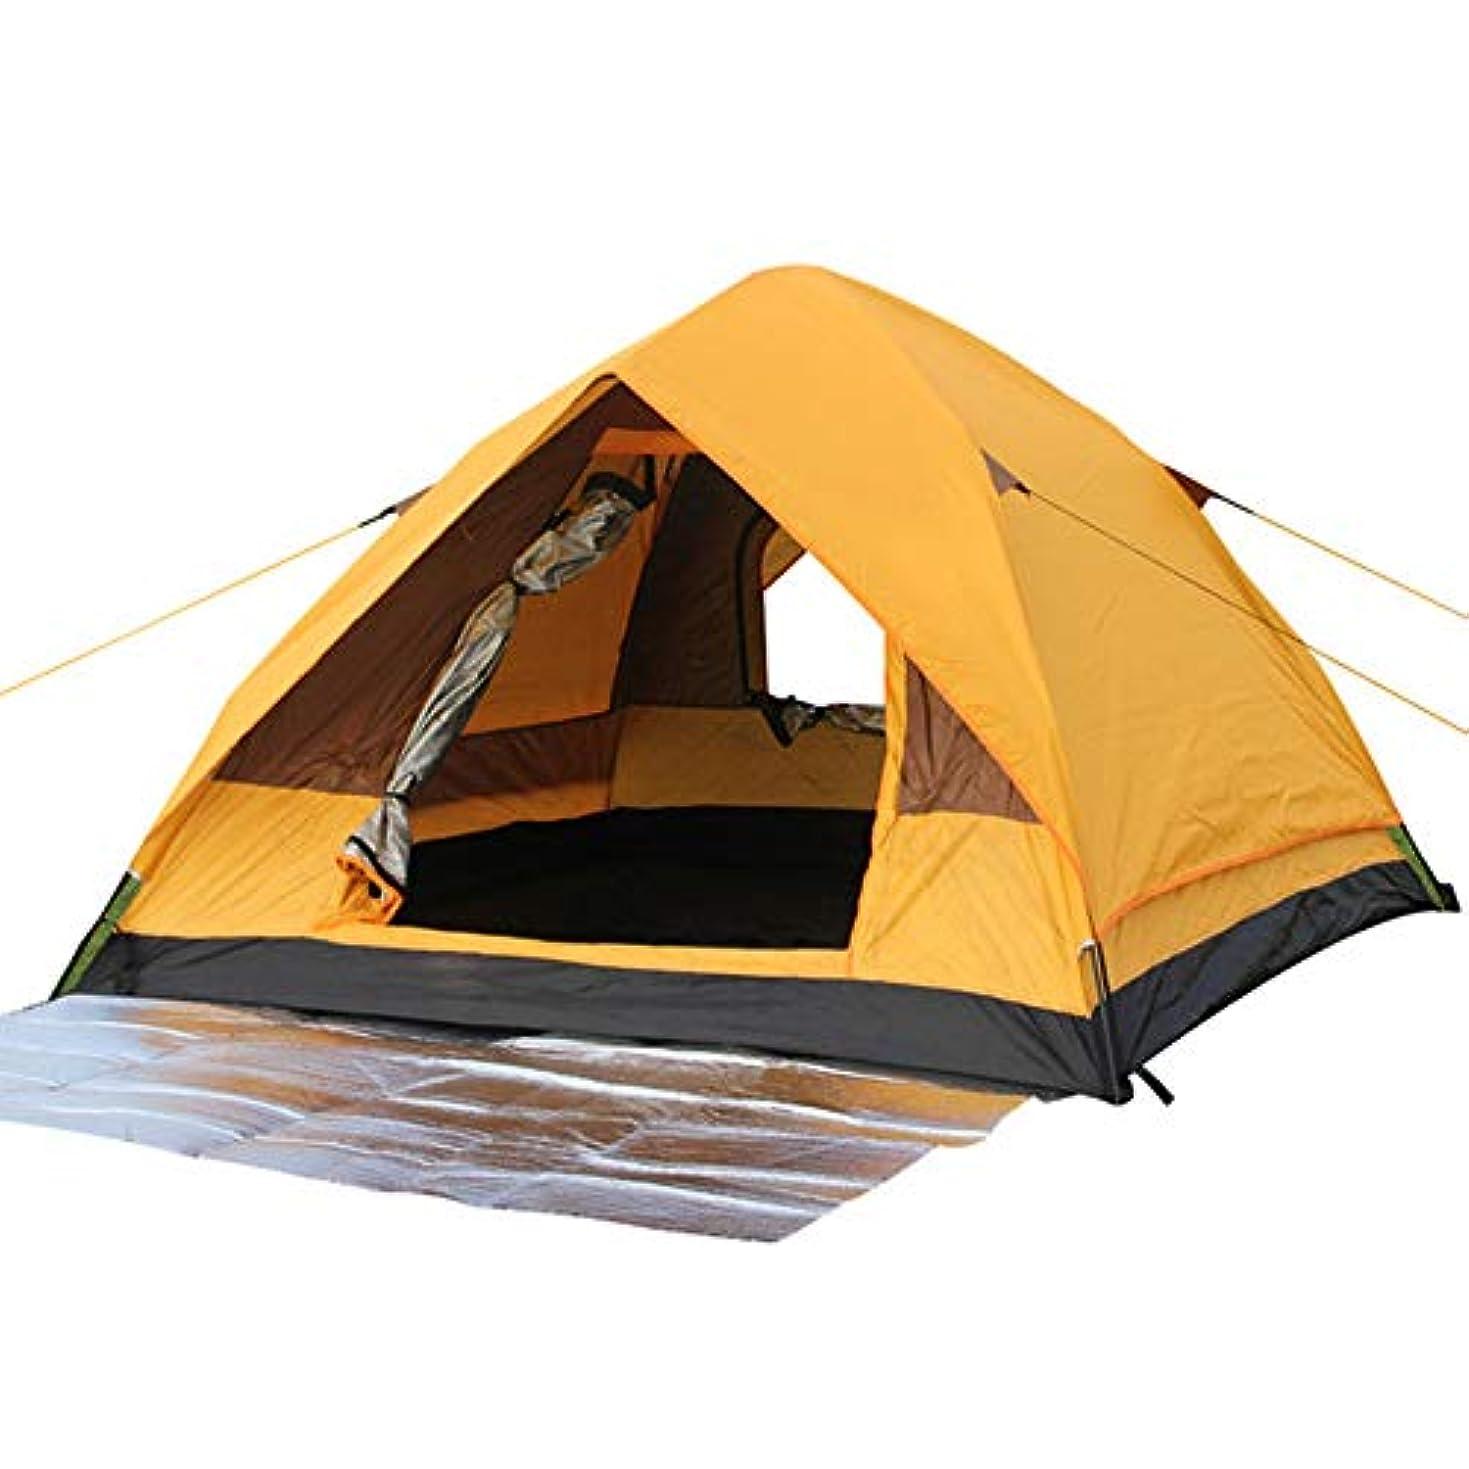 ダーツ硬さ舌な2-4人家族のテント防雨防蚊/自動テント、湿気パッドを送る/ハイキング、キャンプ、その他の野外活動に適して